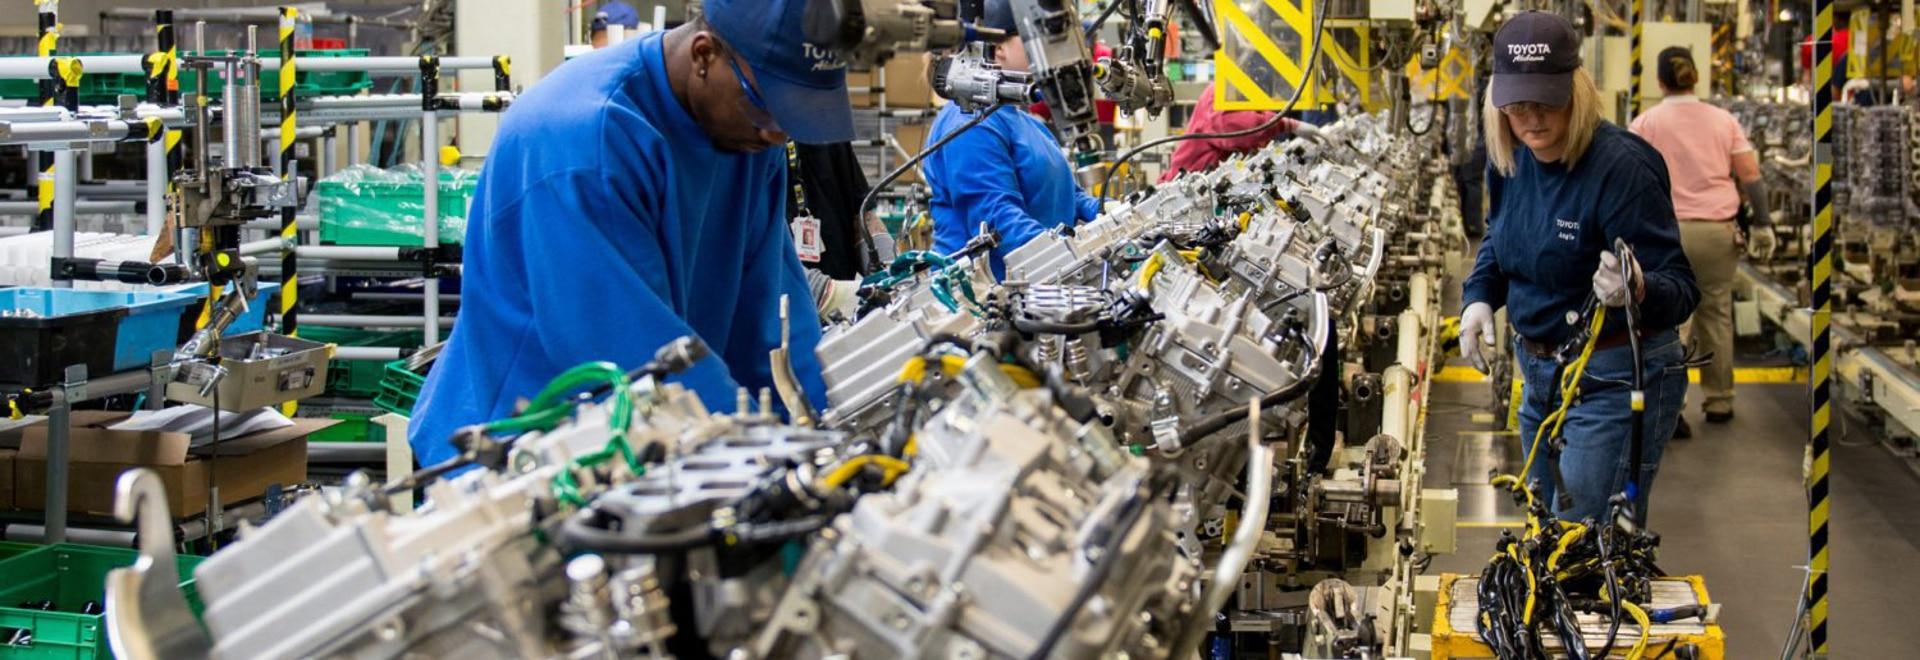 Le Toyota Environmental 2050 Challenge demande à l'entreprise d'éliminer les émissions de CO2 de ses usines de production mondiales d'ici 2050.